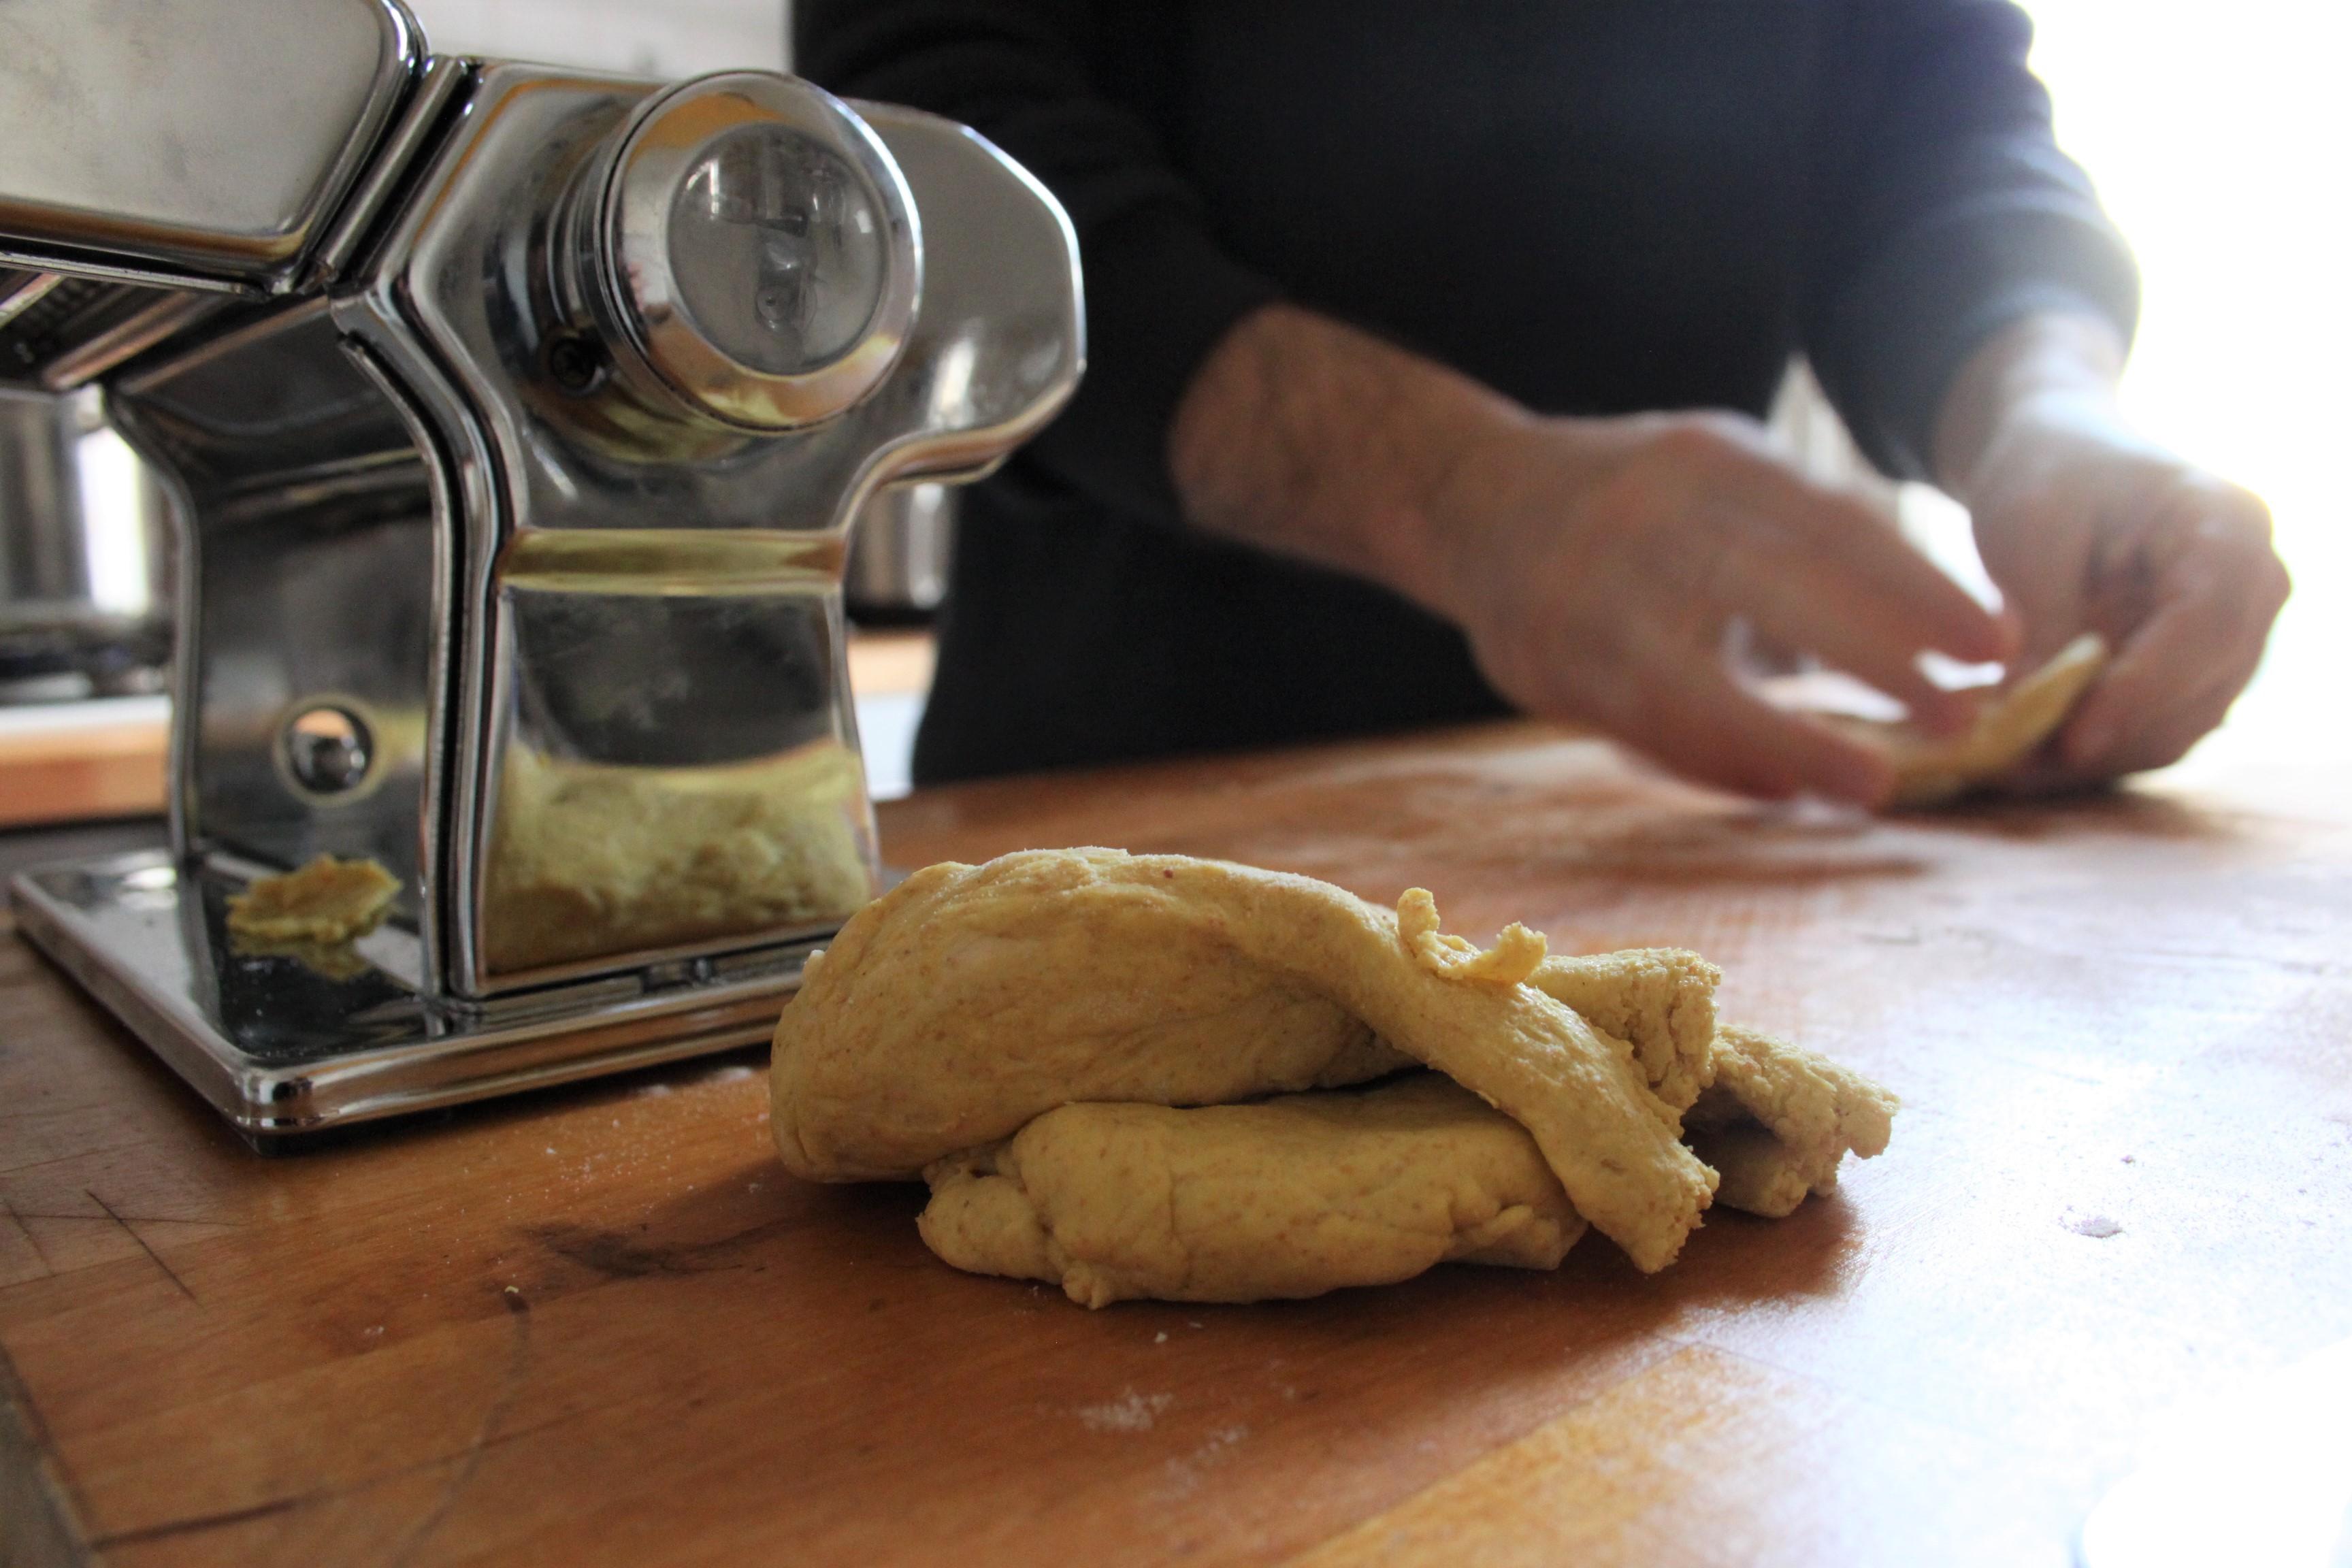 La ricetta del rag di tofu con la pasta fatta in casa - Pasta fatta in casa macchina ...